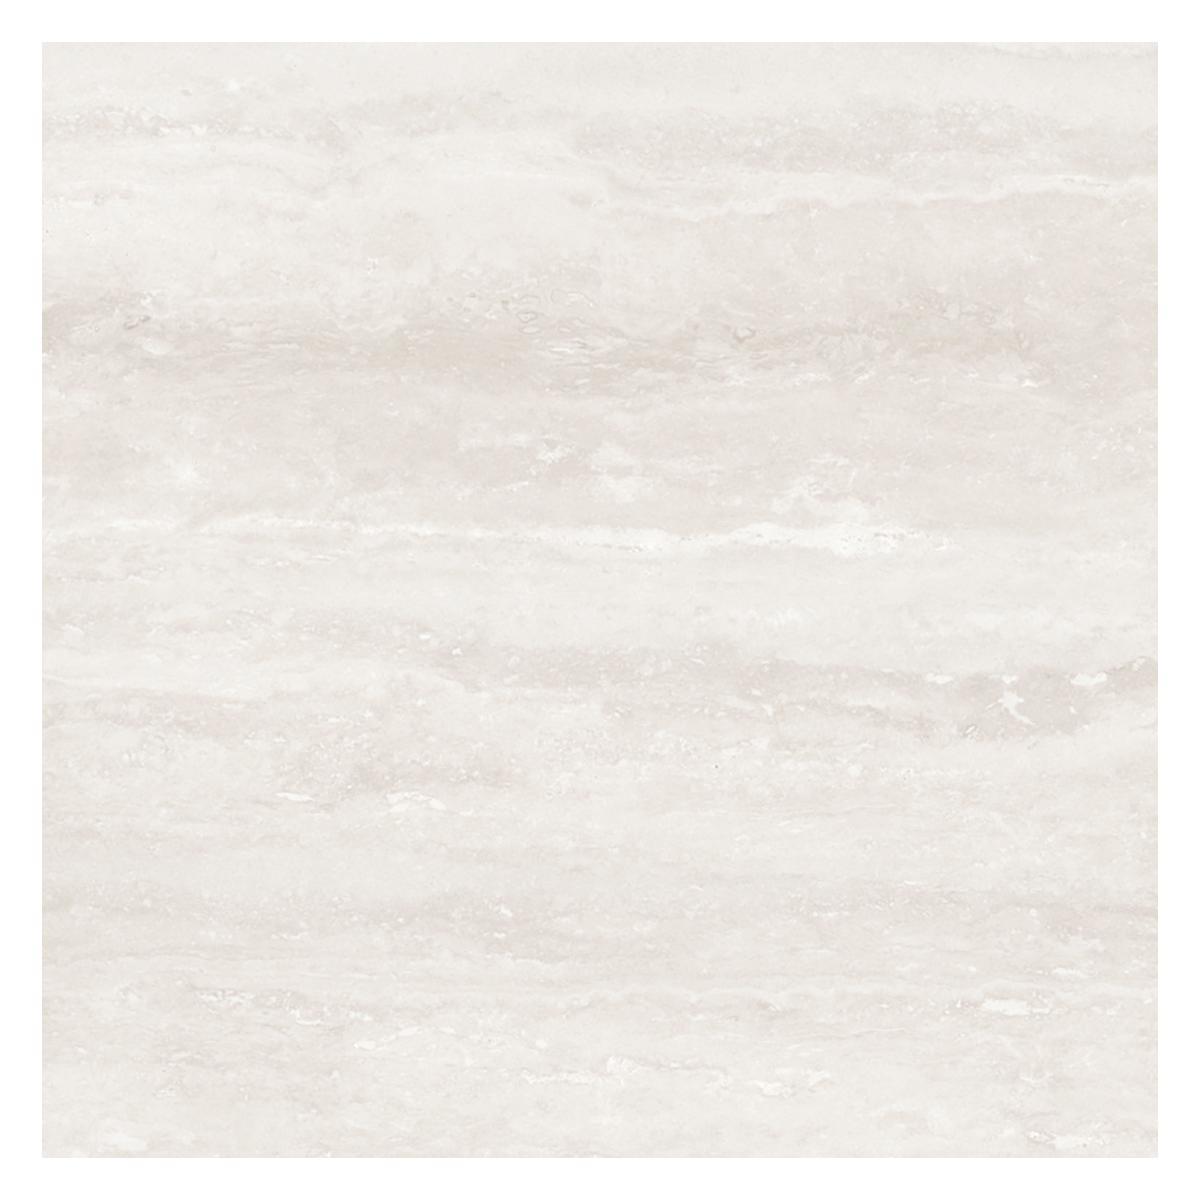 Porcelanato Terre Beige Brillante - 60X60 cm - 1.44 m2